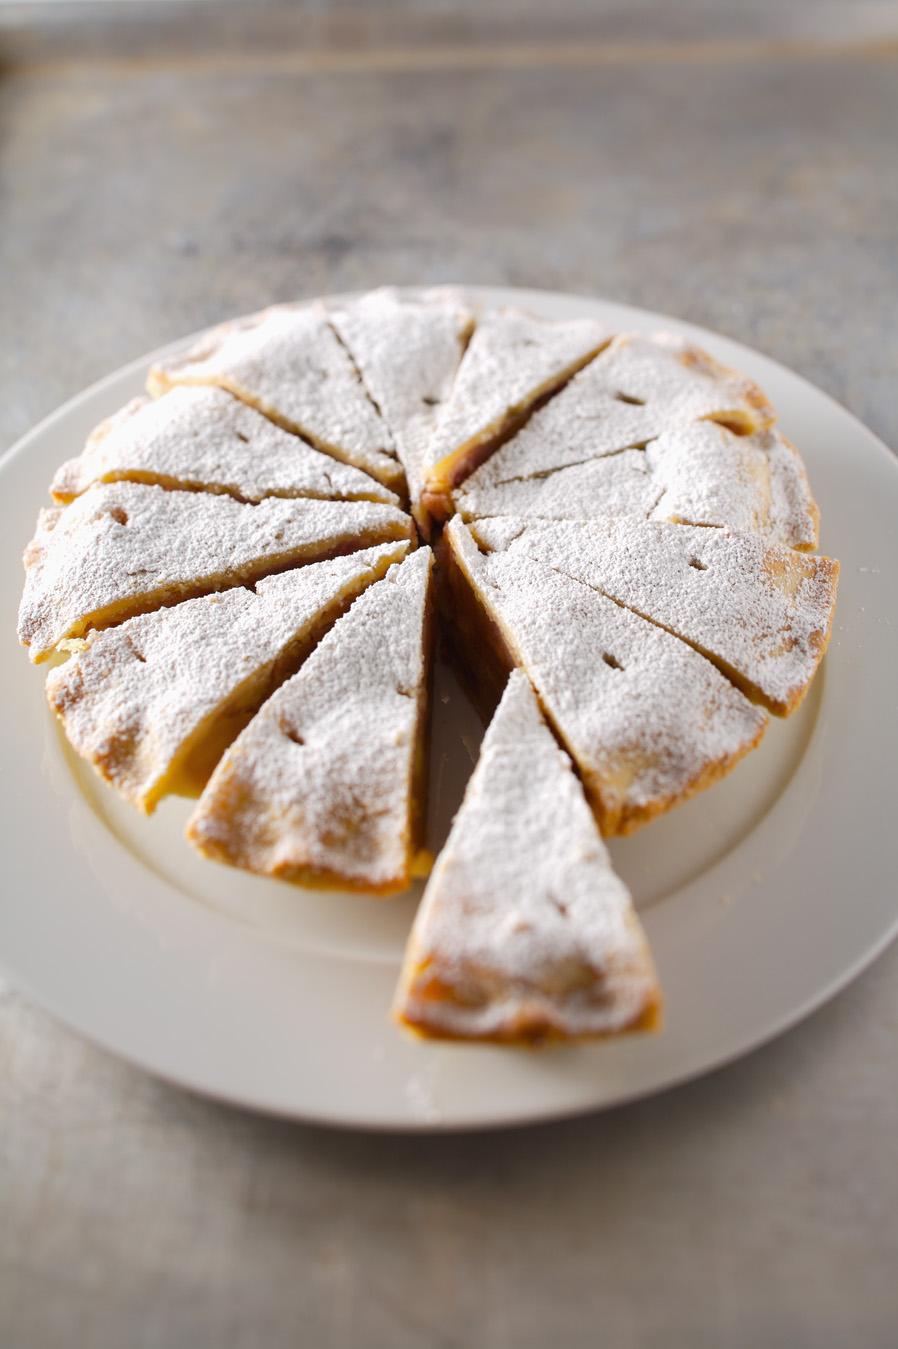 Tourte aux blettes et pommes pour 6 personnes recettes - Recette de cuisine originale et inventive ...